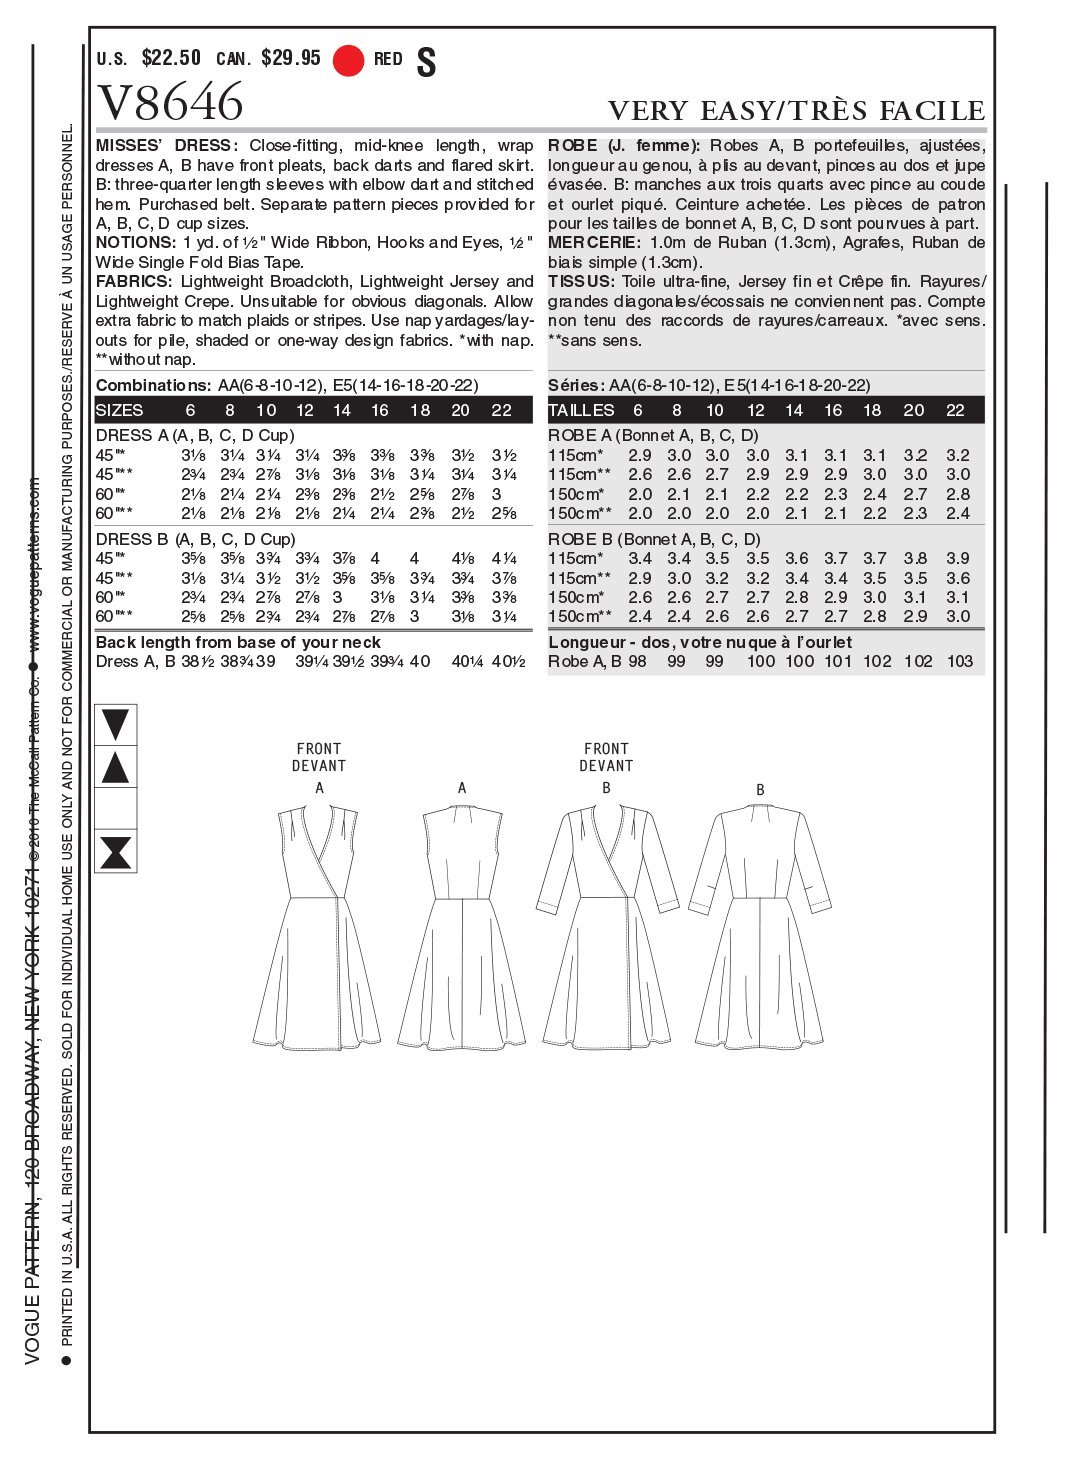 Vogue Patterns V8646 - Patrones de costura para vestidos de mujer ...